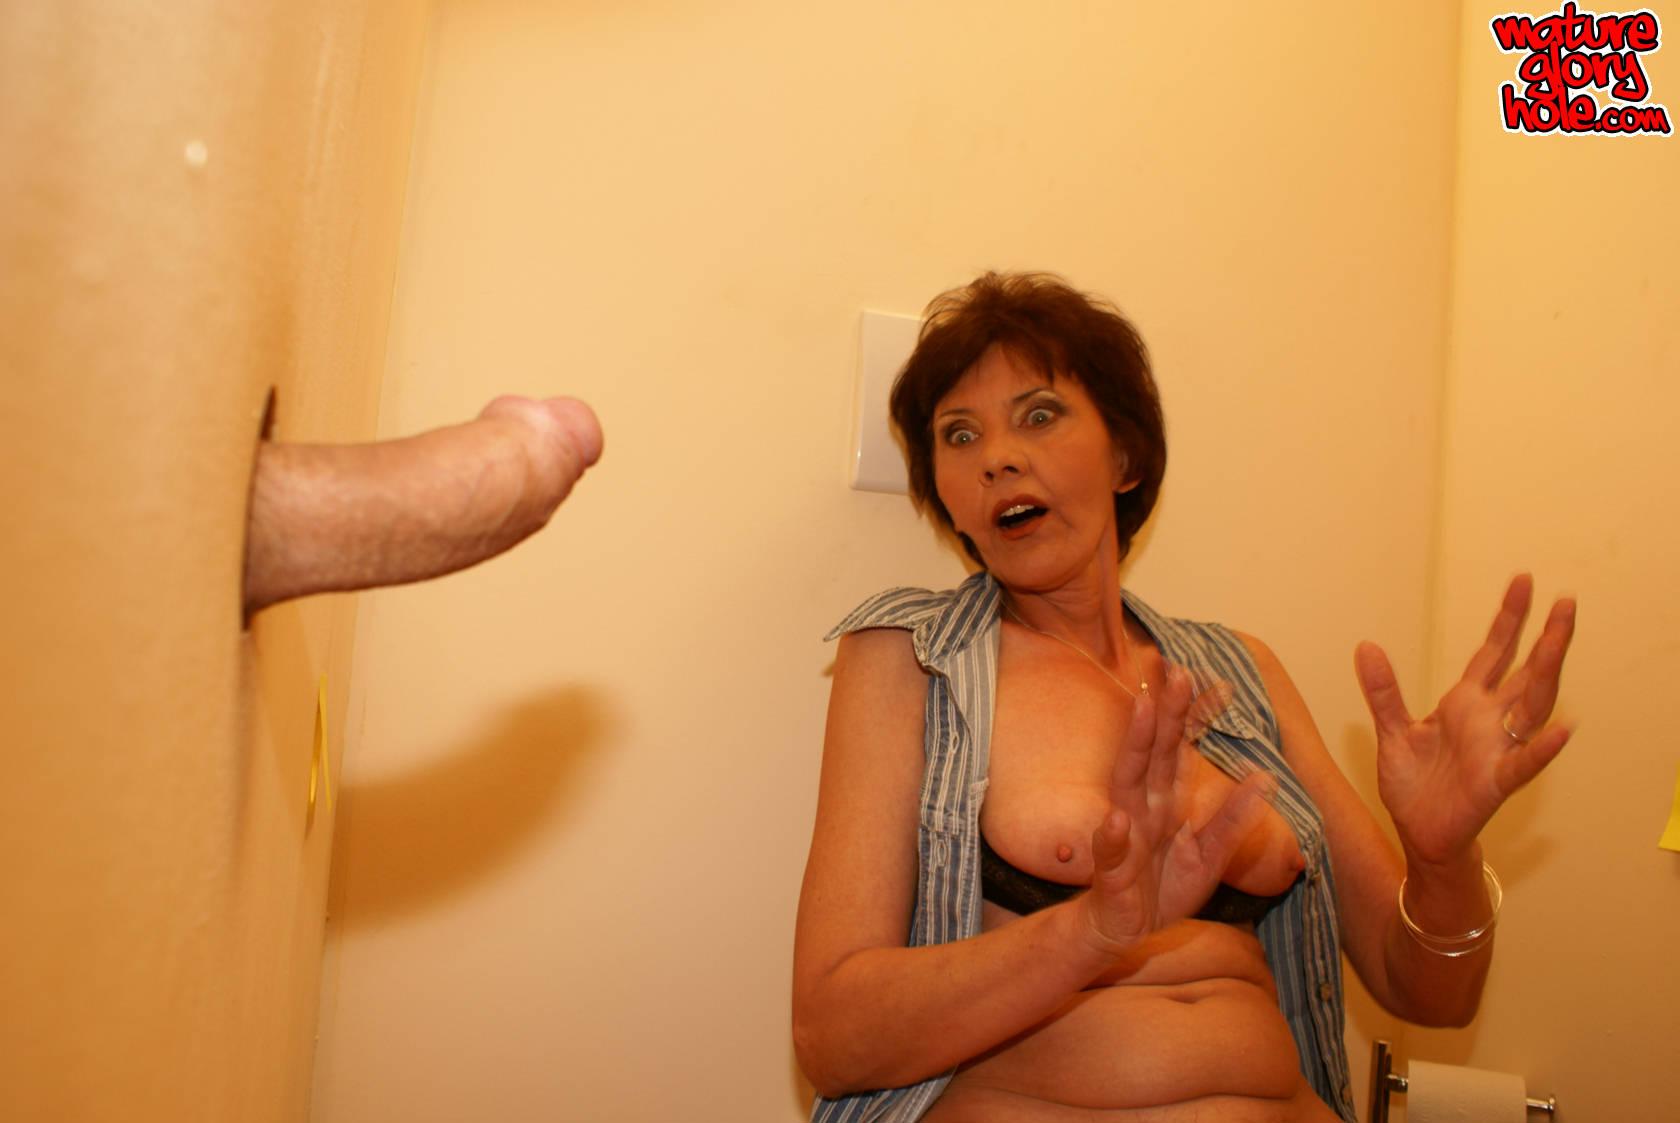 This Horny Granny Still Loves To